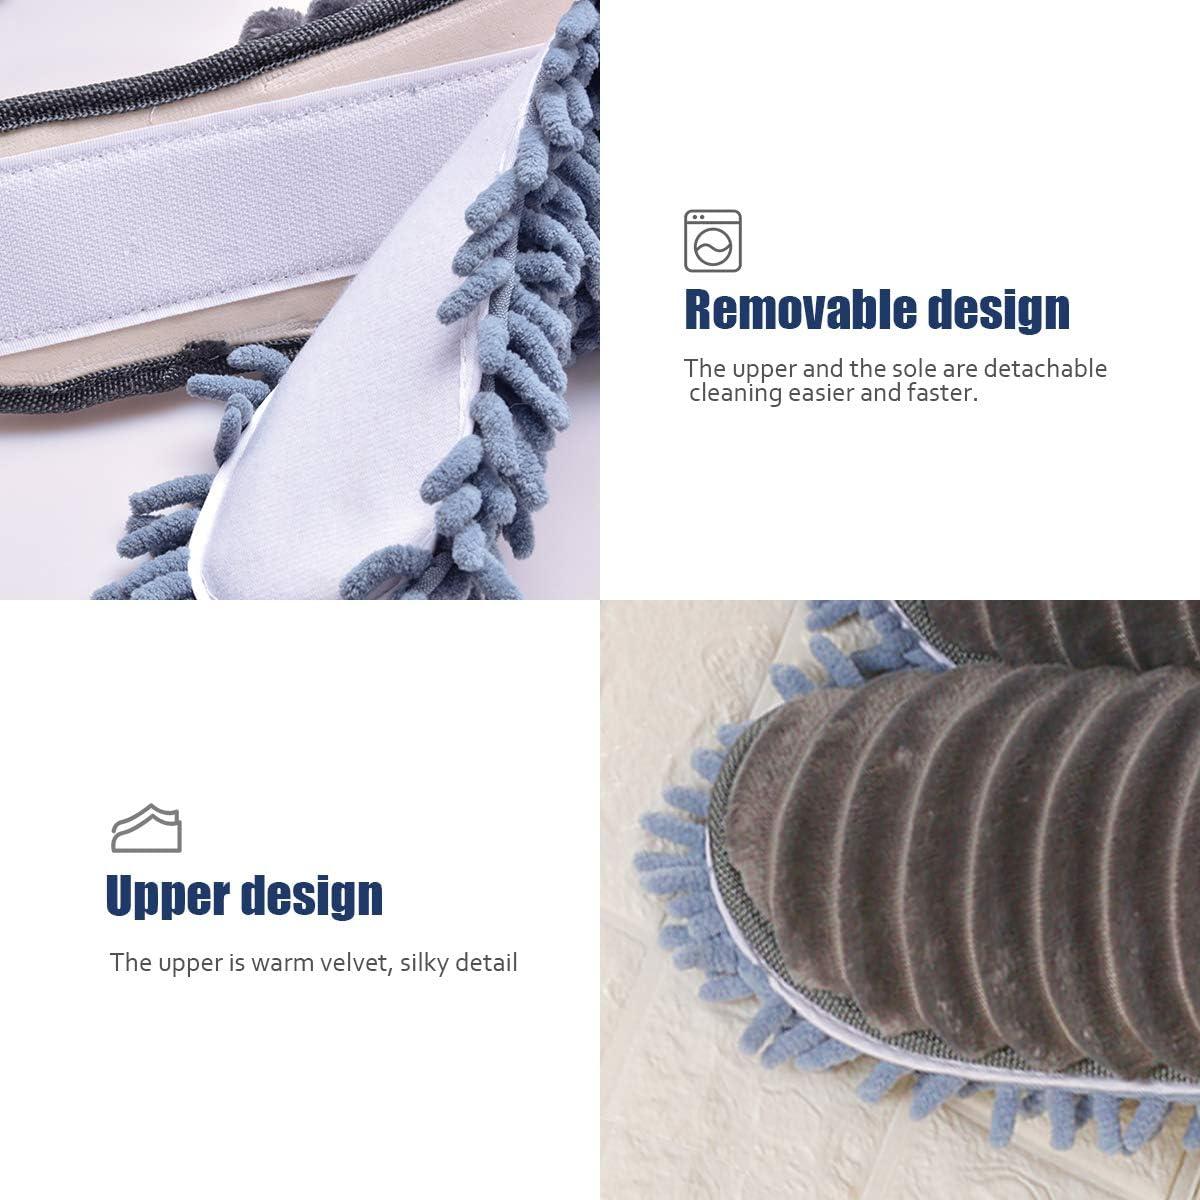 Rosa, EU 38-41 Xunlong Pantoufles Nettoyage Pantoufles Maison en Microfibre Chaussons pour Femme Mop De Nettoyage De Plancher Outil De Nettoyage De La Poussi/èRe Pantoufles